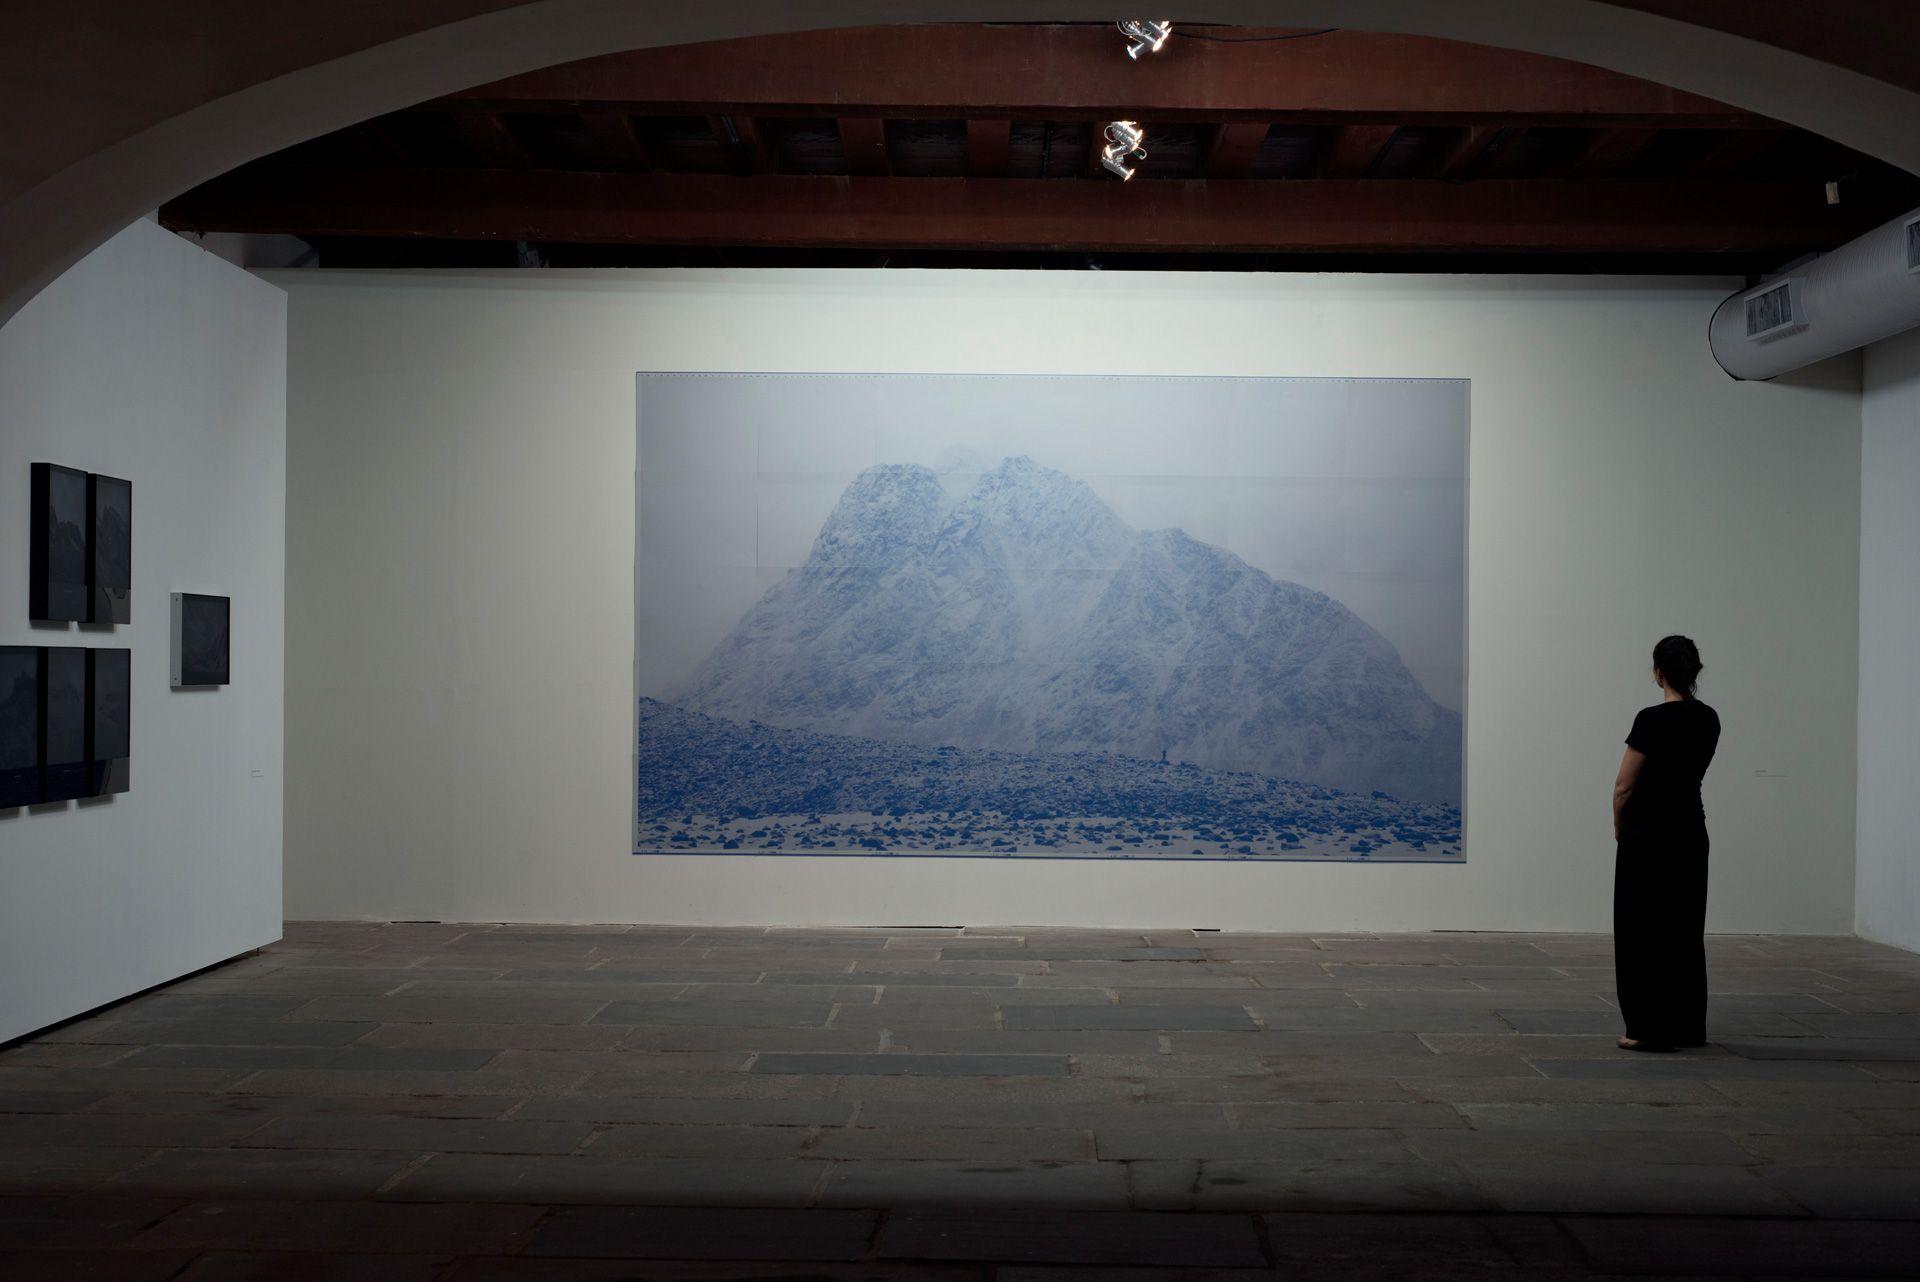 Exposição 'Norte' (2012) - Paço Imperial, Rio de Janeiro - Marcelo Moscheta